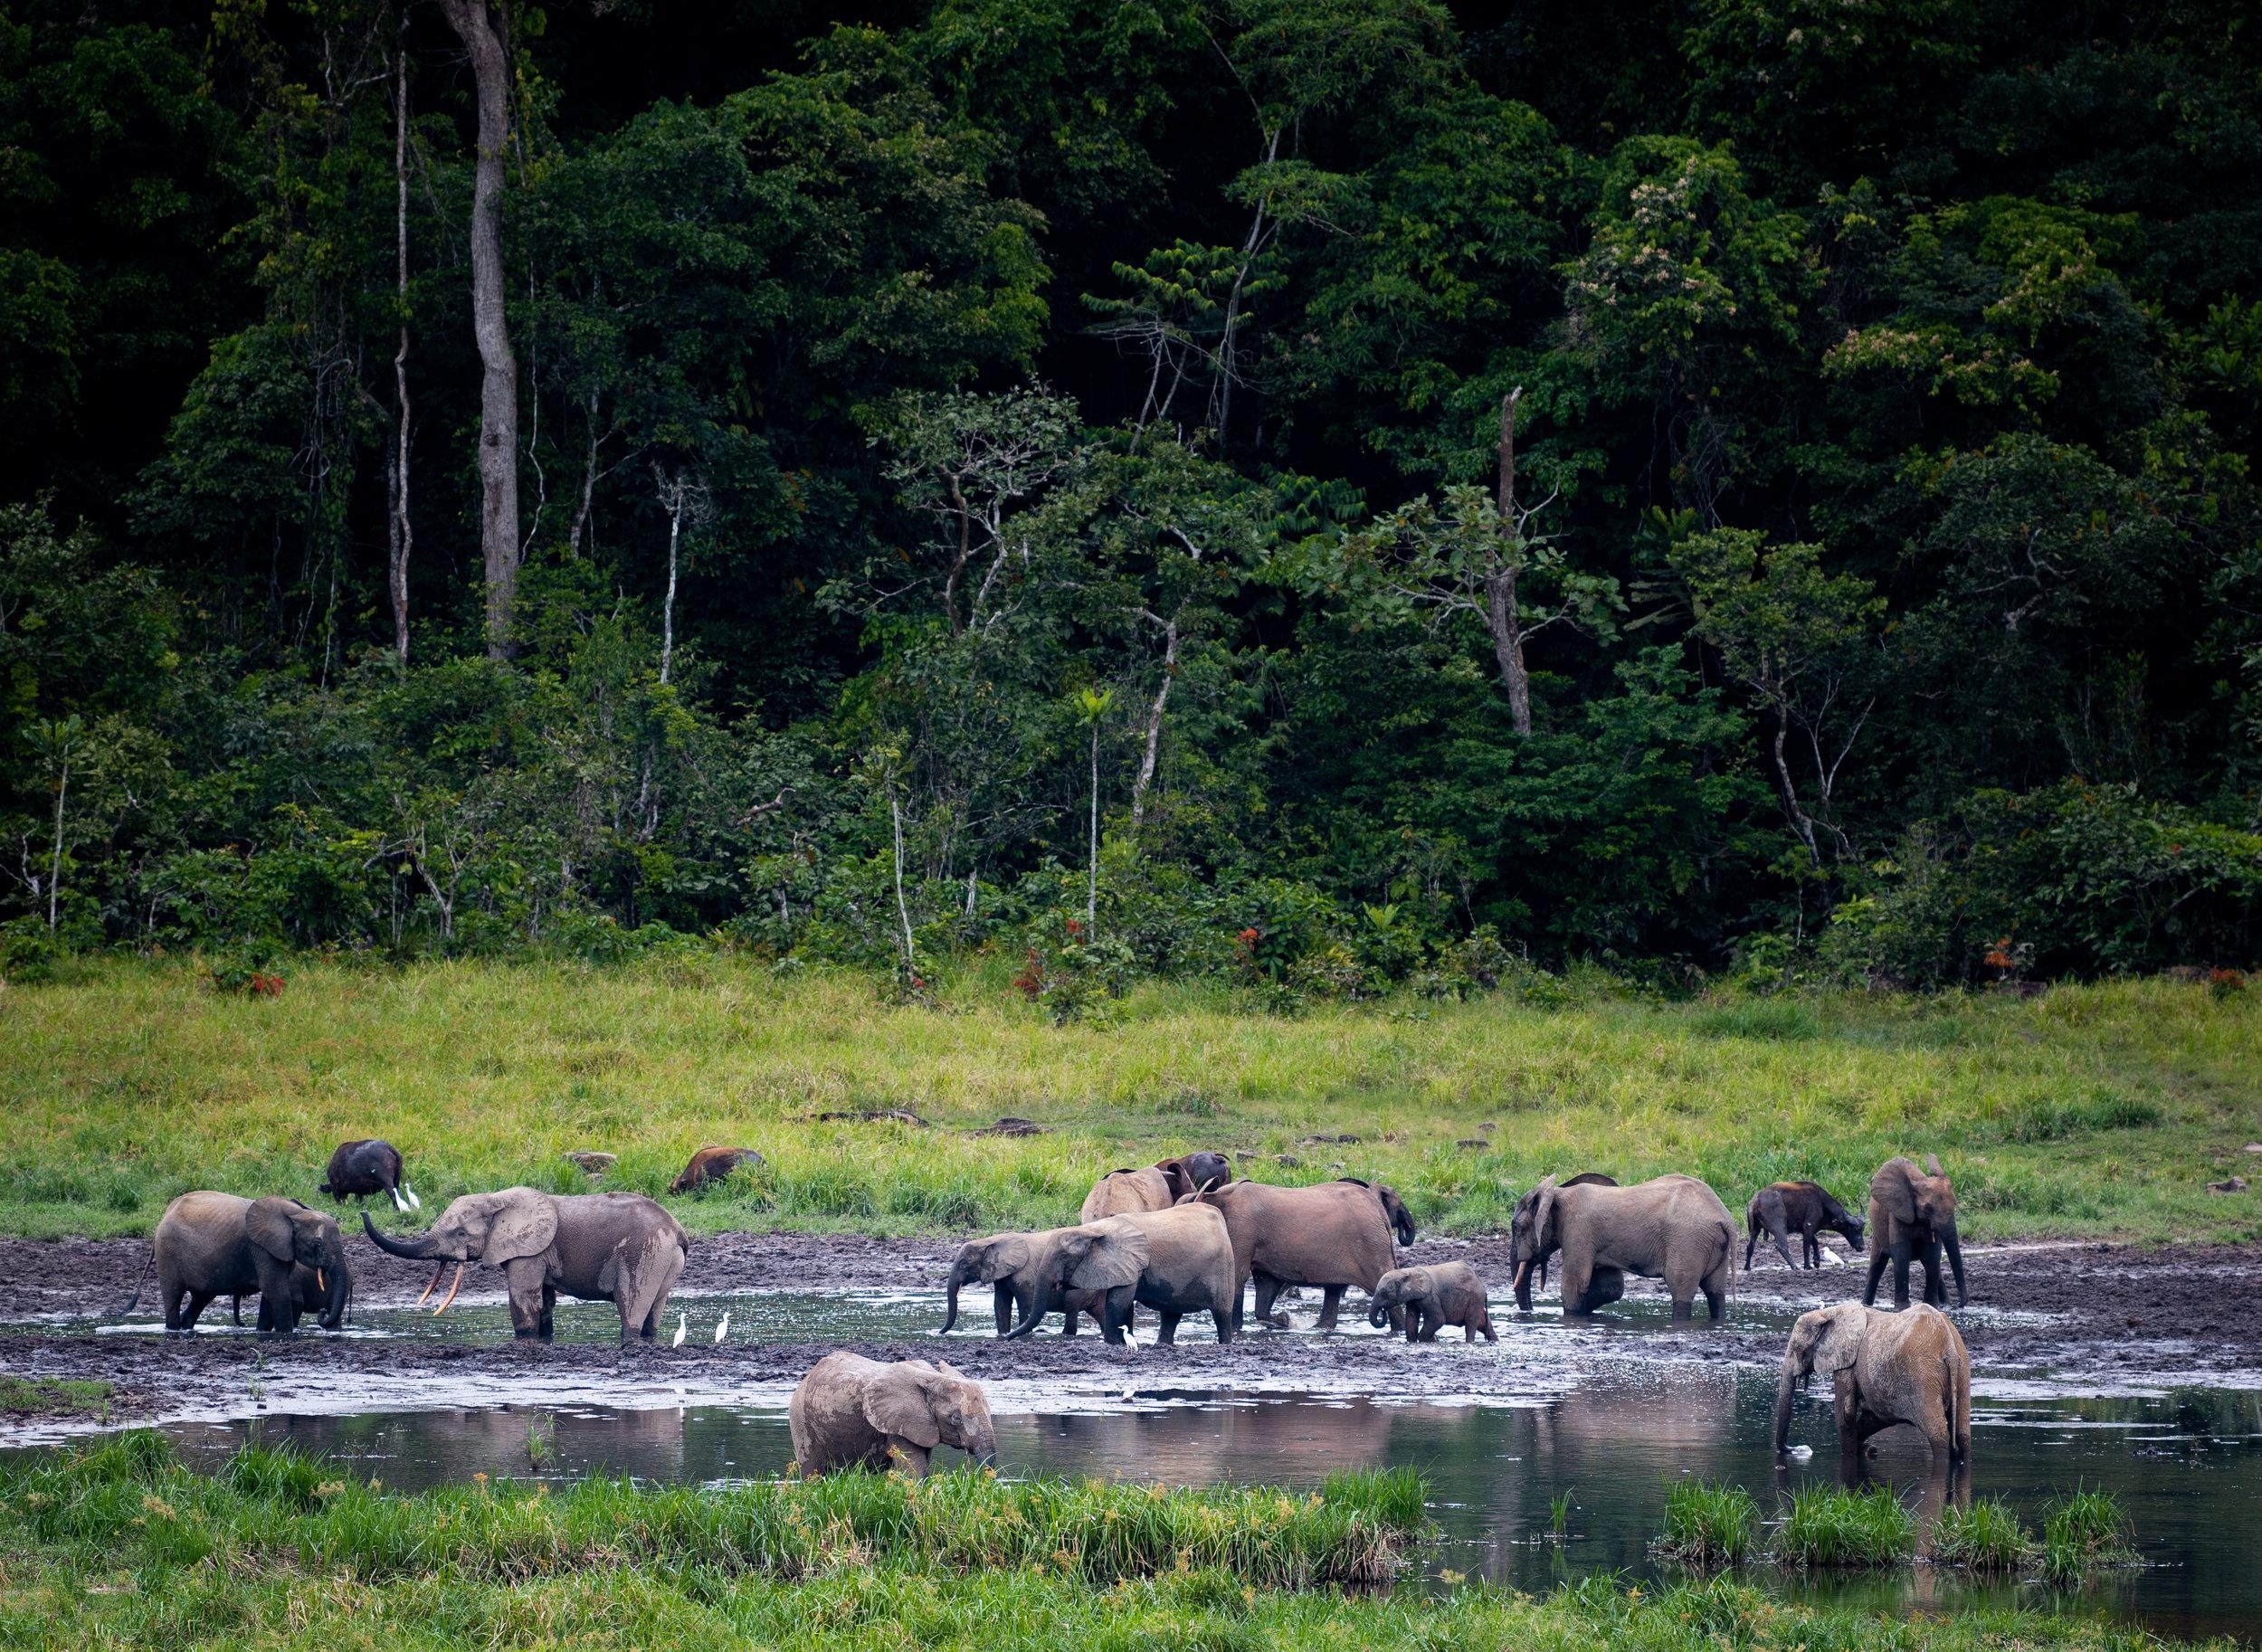 Elephants bathing at Langoue Bai